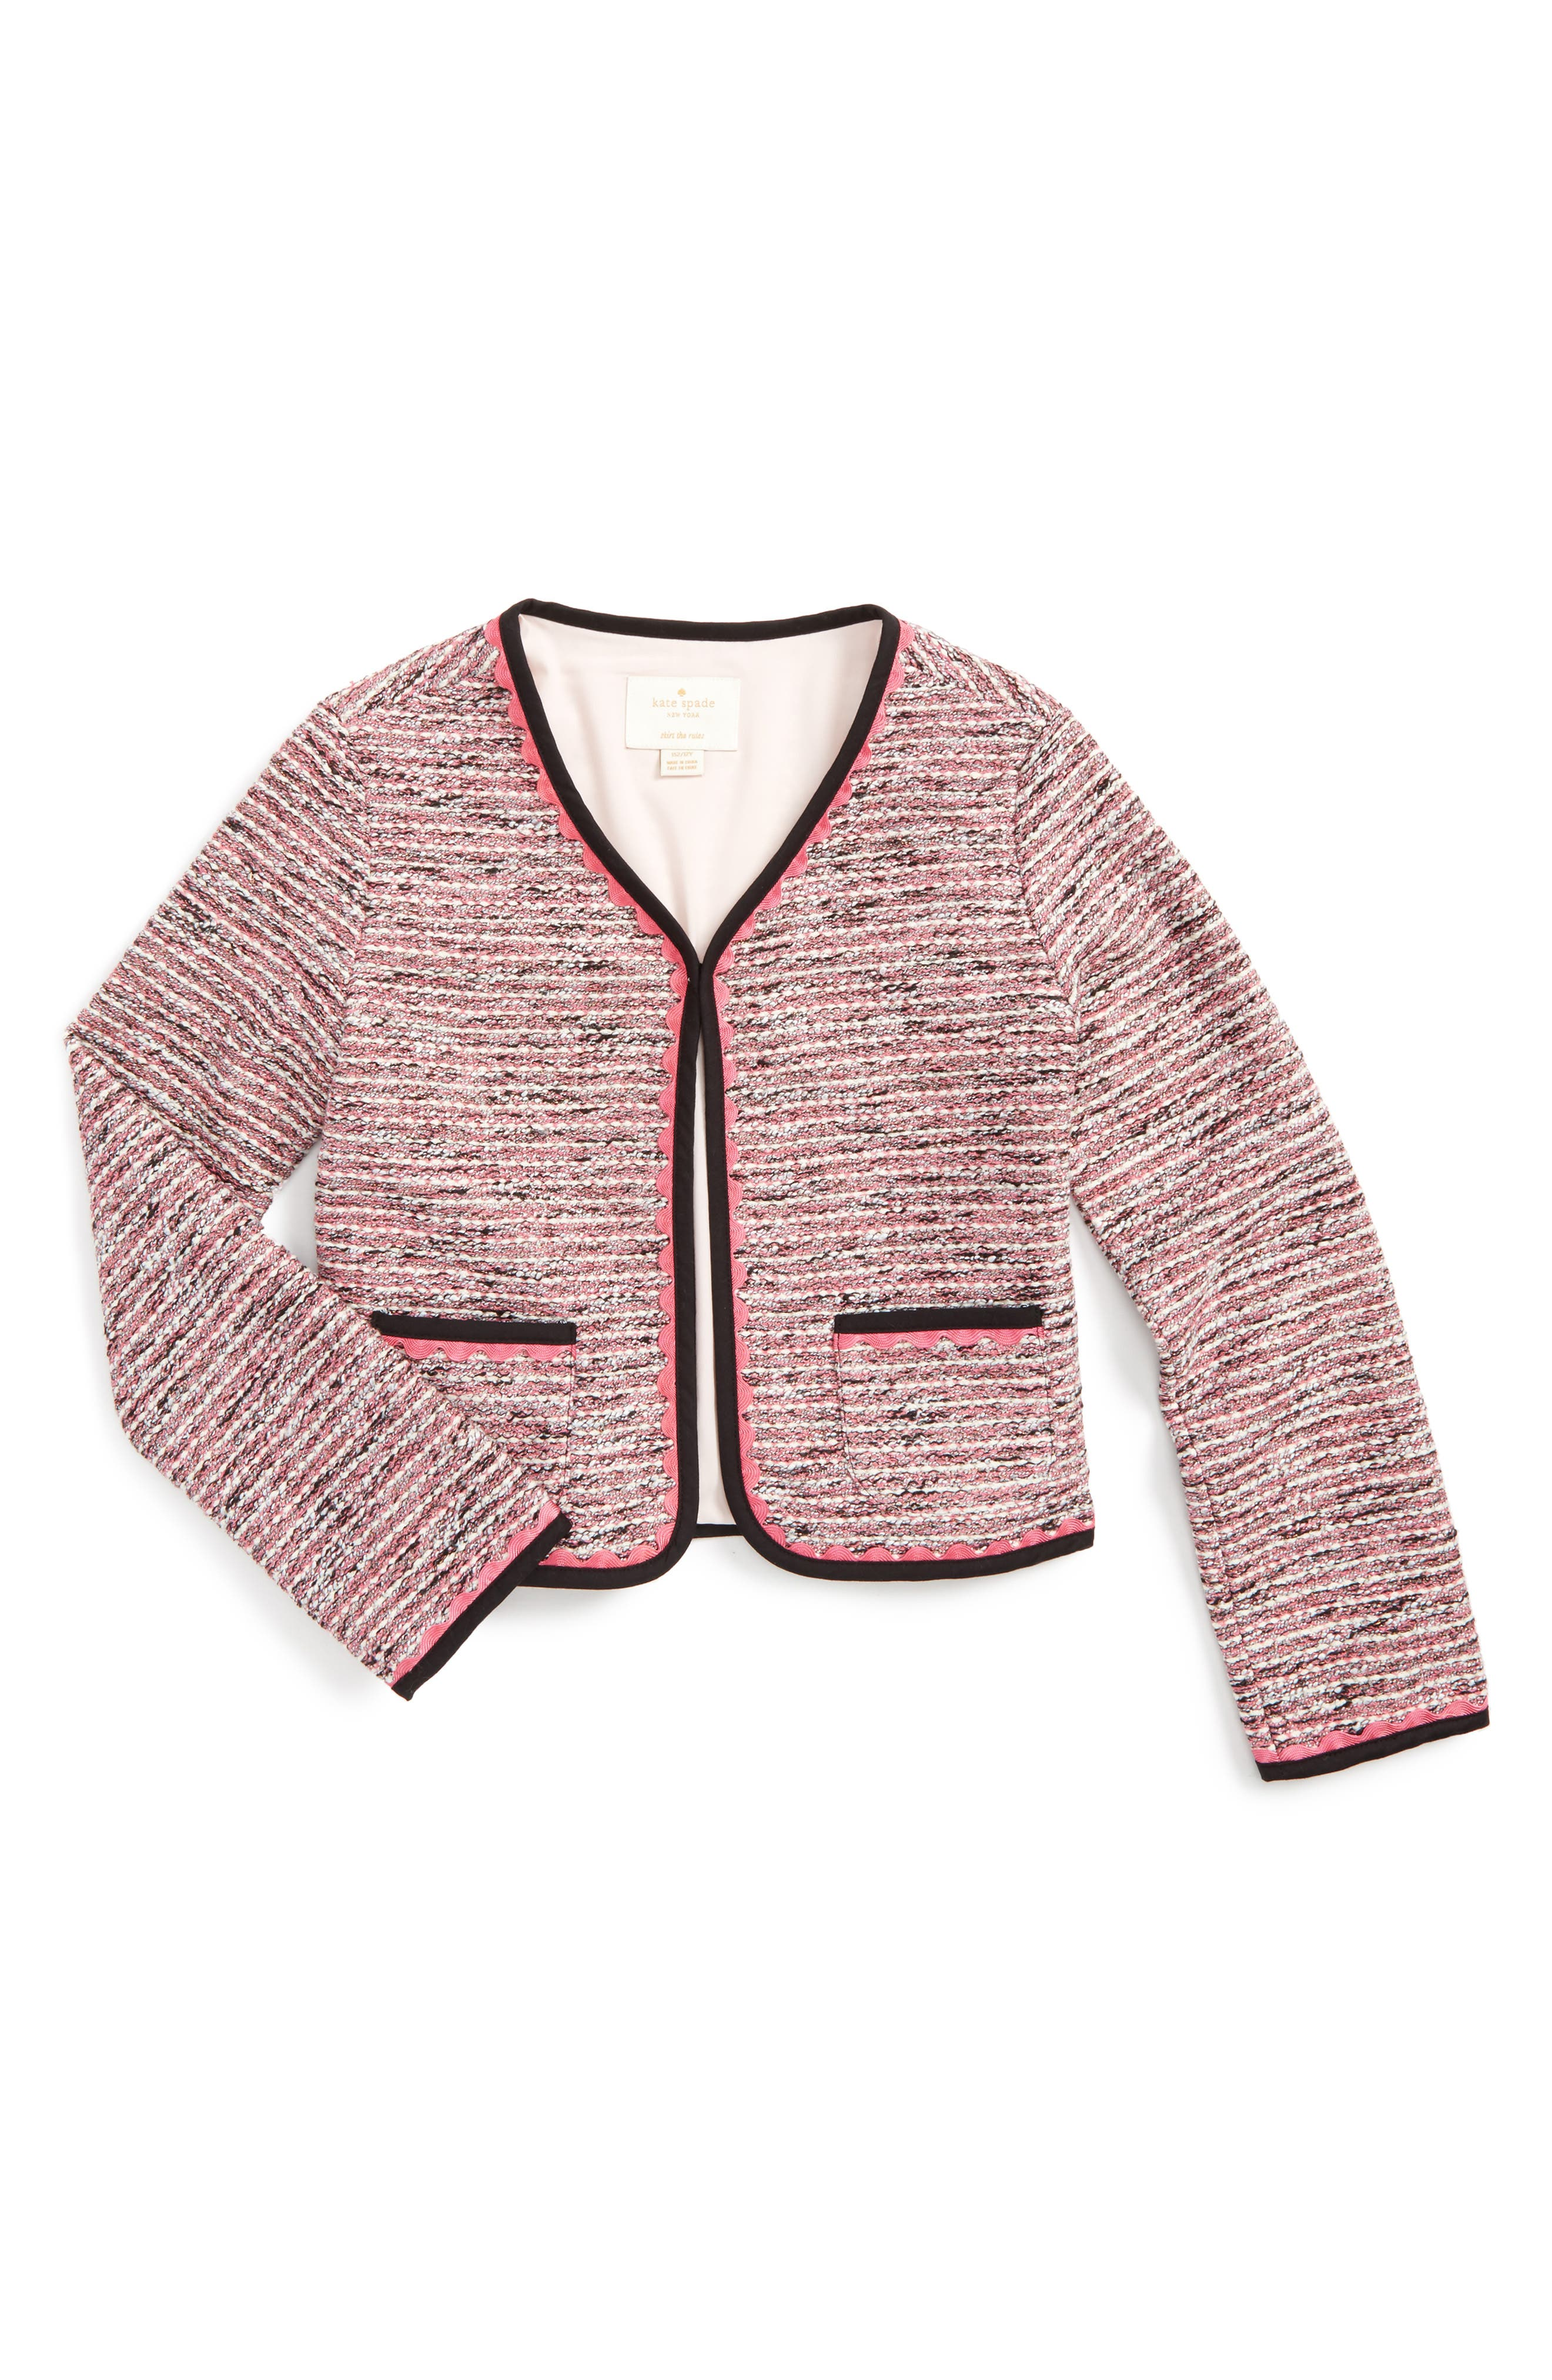 KATE SPADE NEW YORK tweed jacket